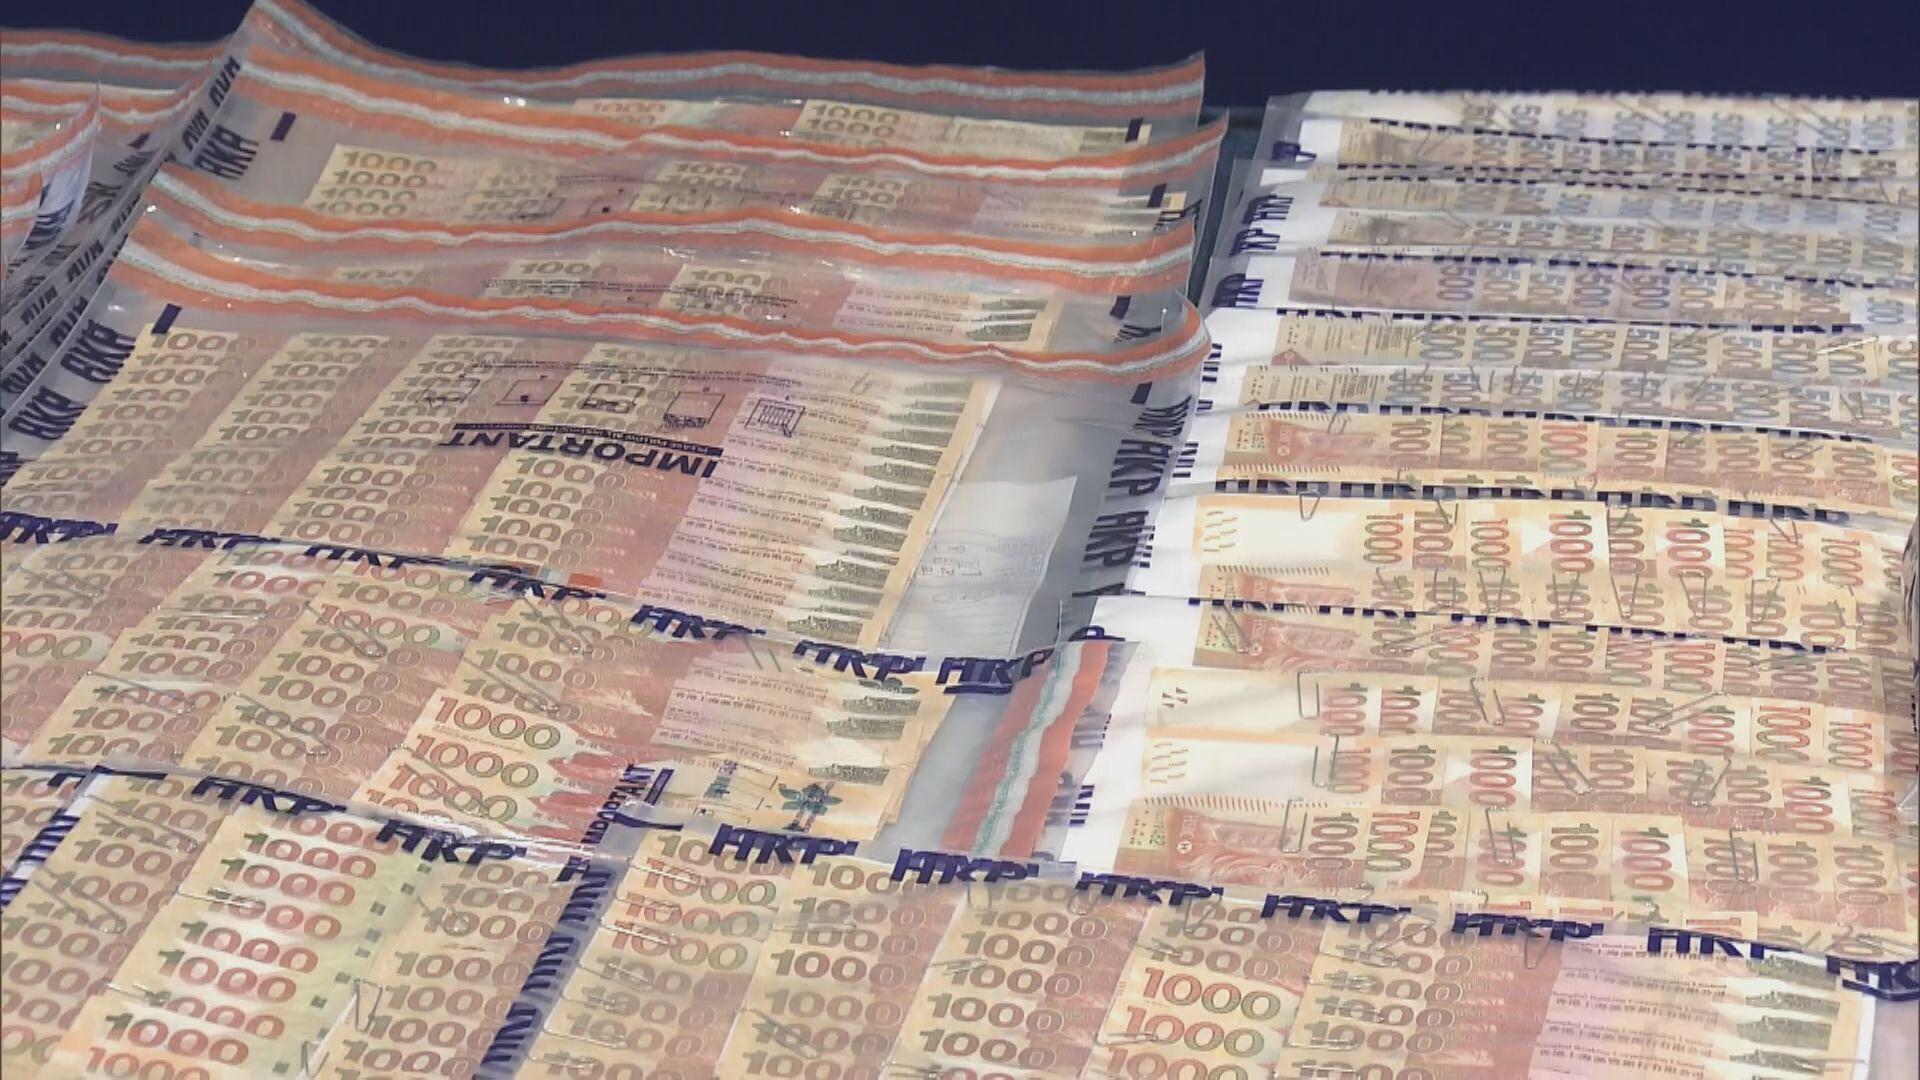 警拘56人涉用空殼公司呃1.4億百分百擔保貸款